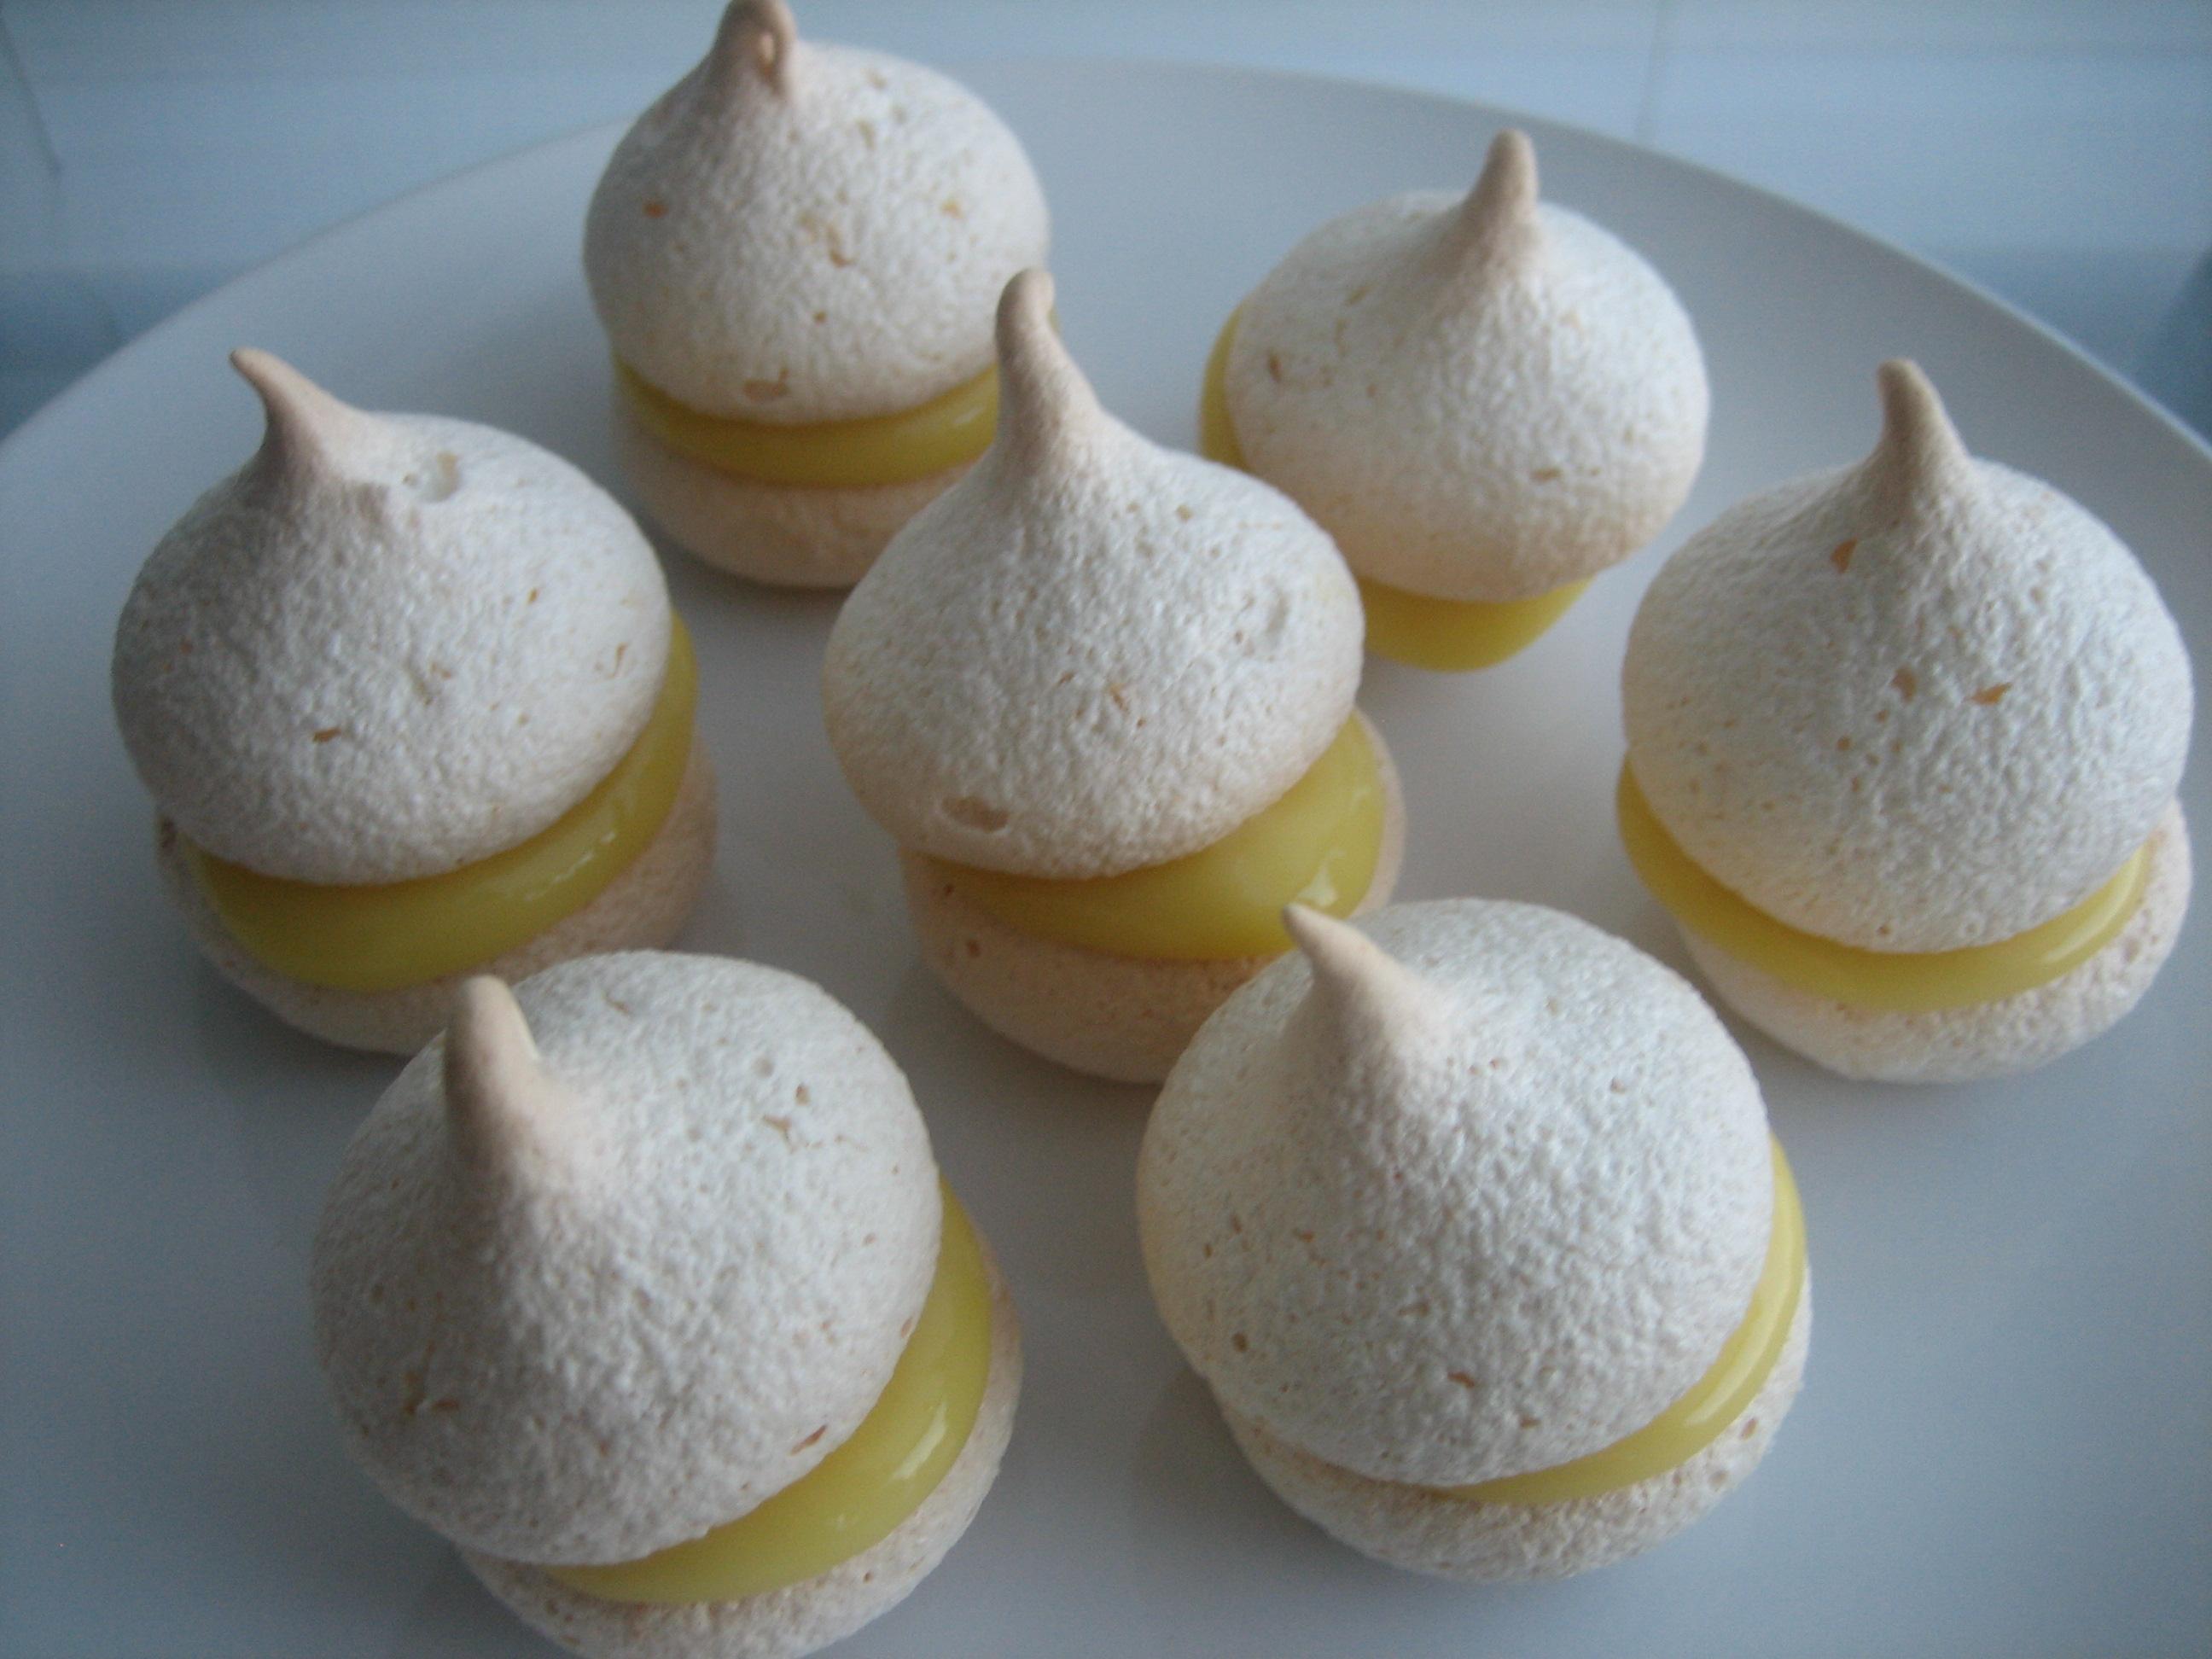 Lemon Meringue Cookies | Cupcakes, Cookies and other sweet things ...